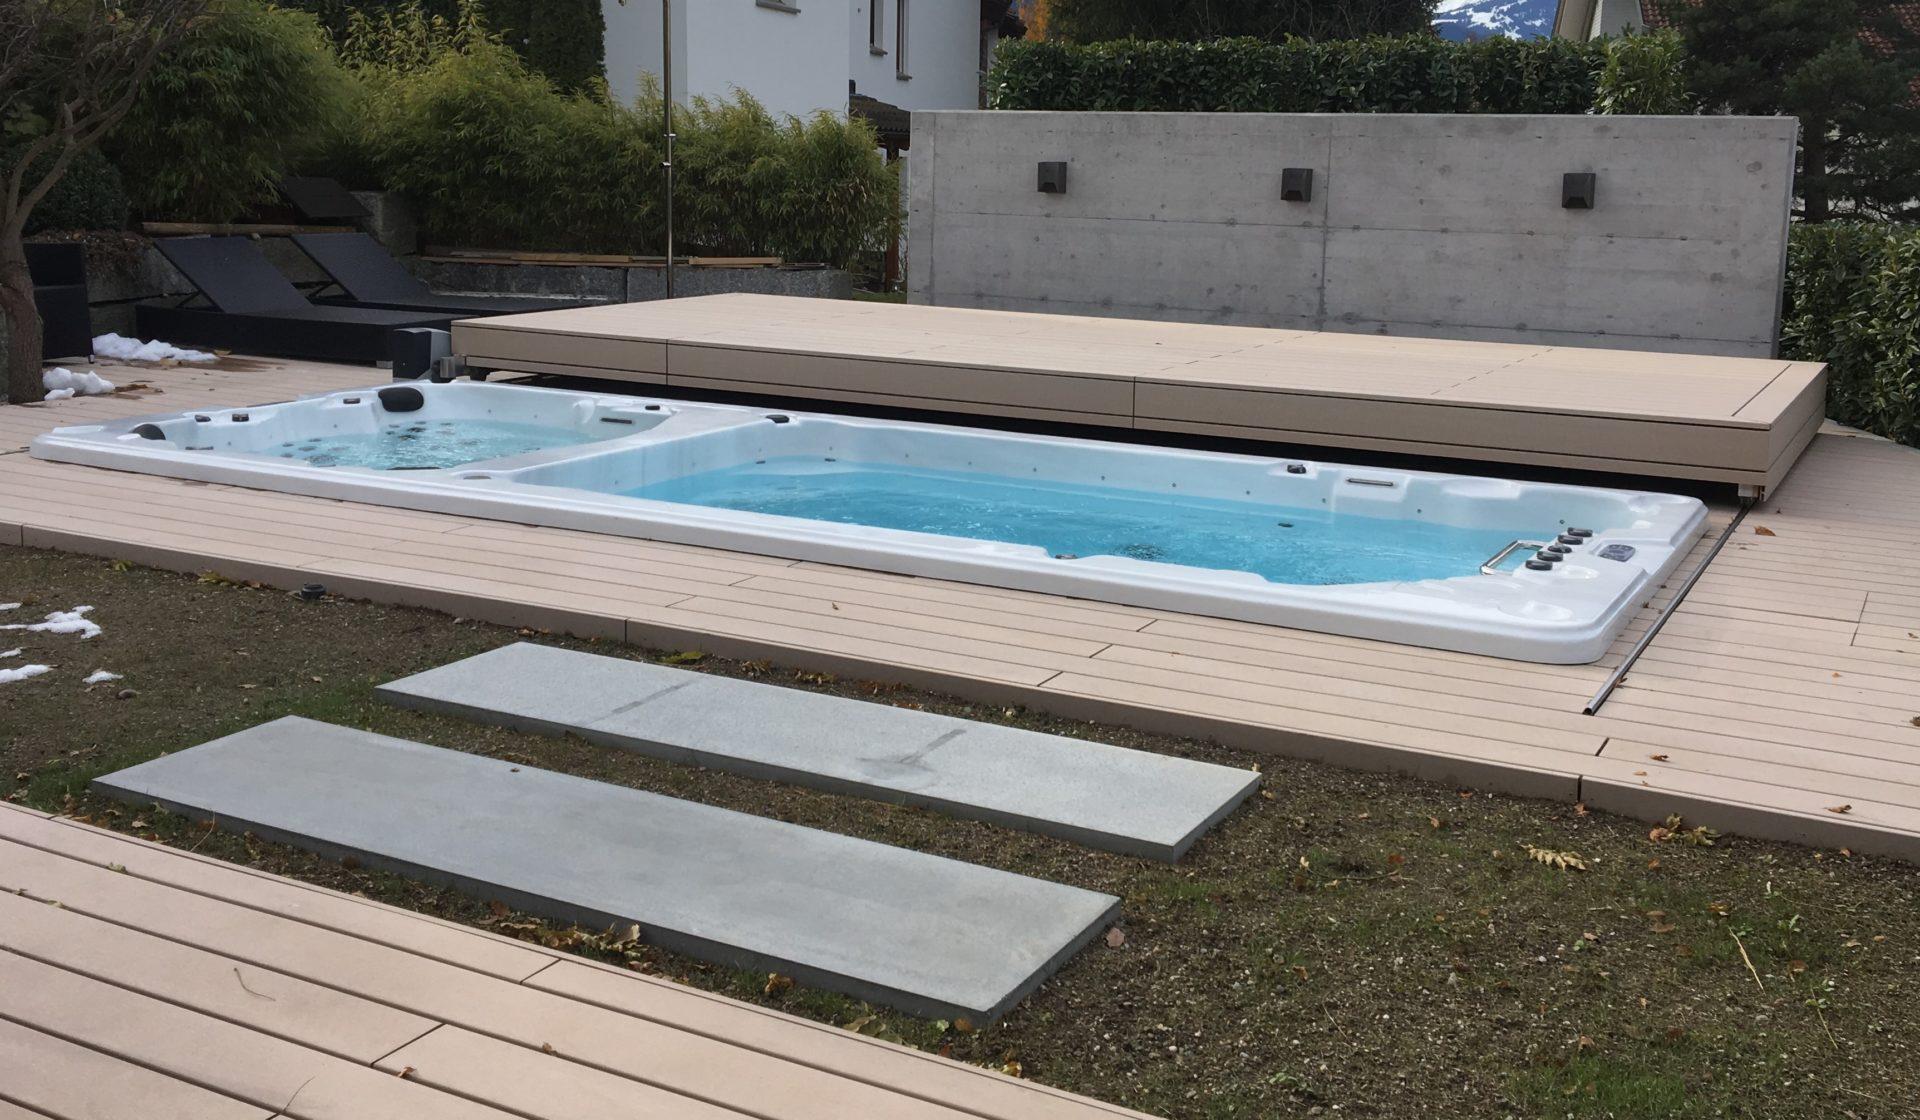 Schwimmspa mit begehbarer Abdeckung automatisch offnend